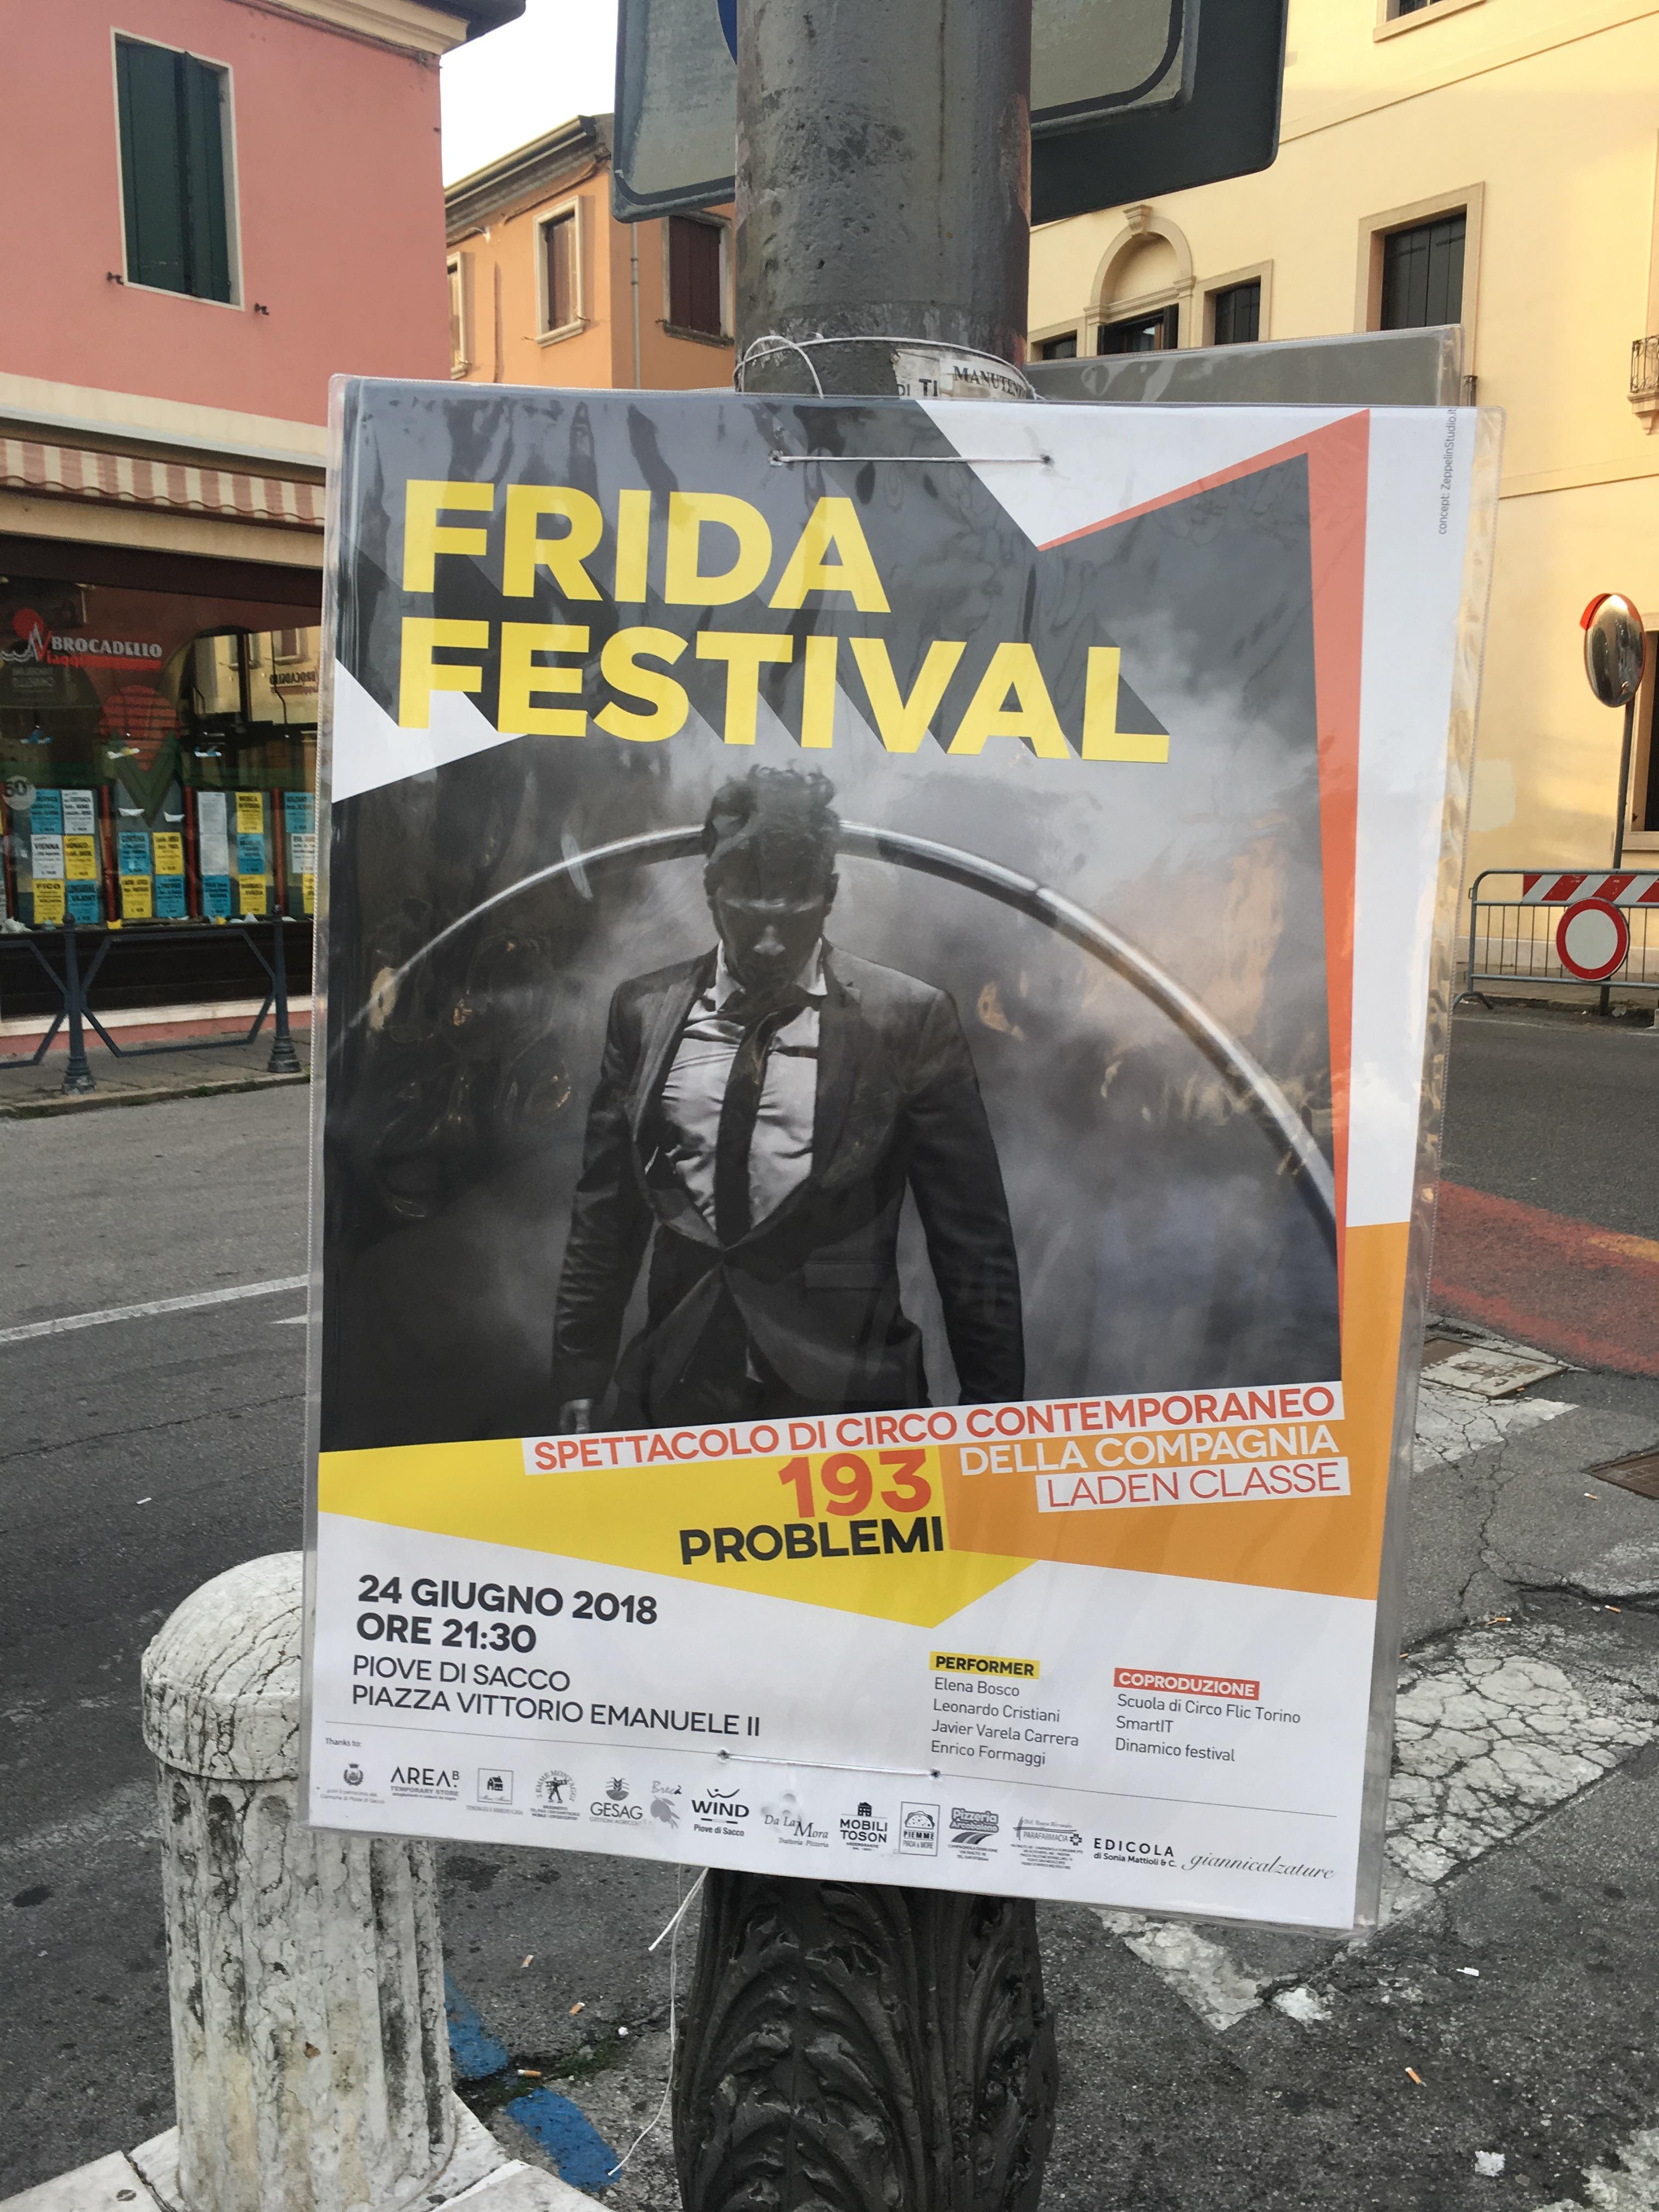 Laden Classe @Frida Festival 24 giugno 2018